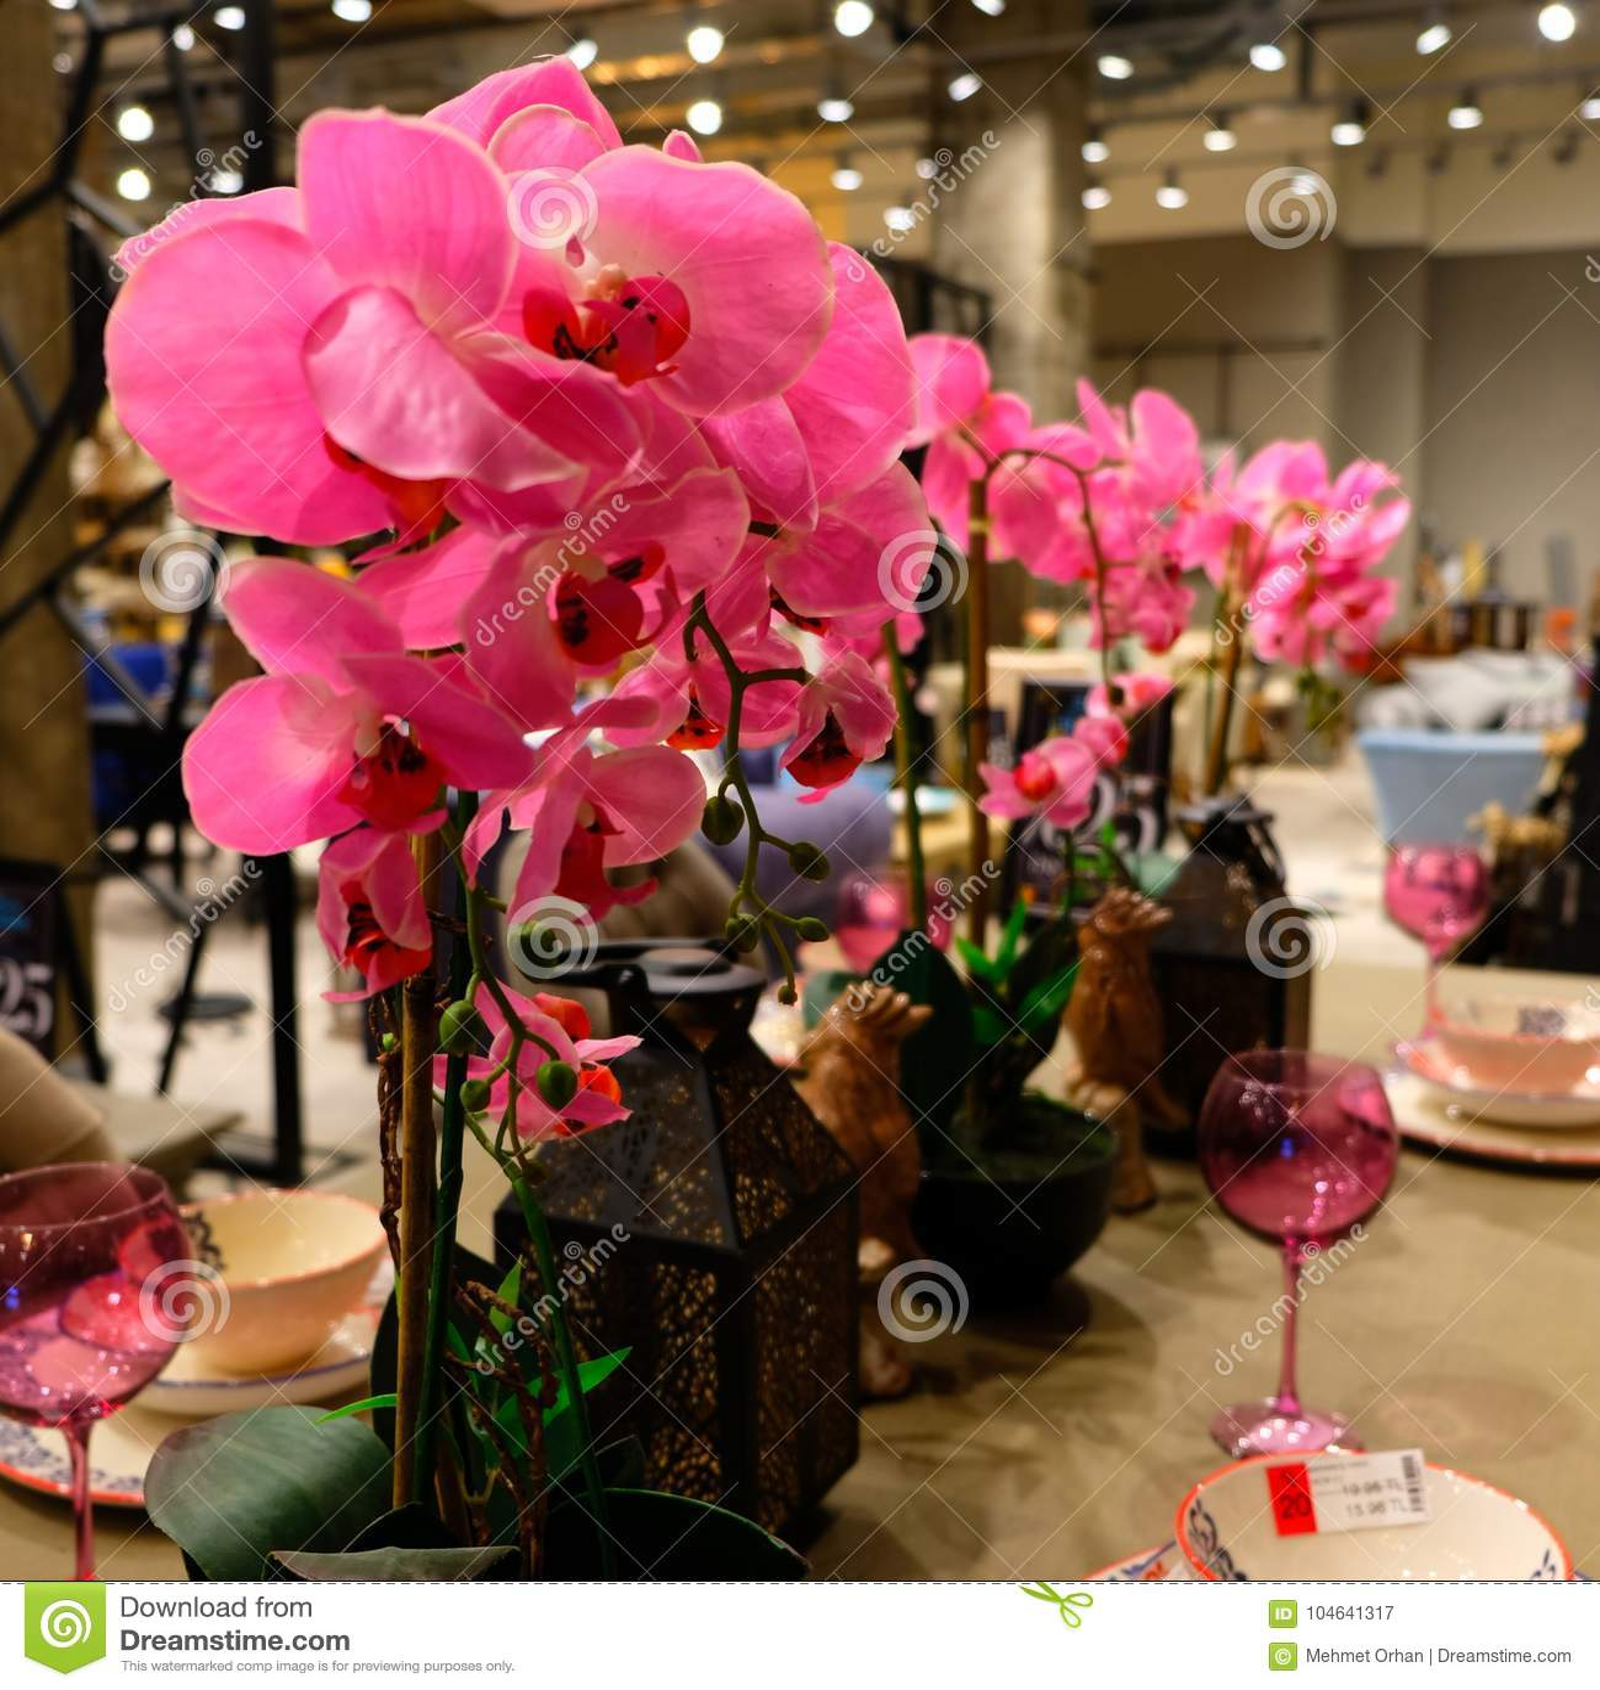 Розовая орхидея, декоративные света, розовый кубок, таблица старого стиля декоративная